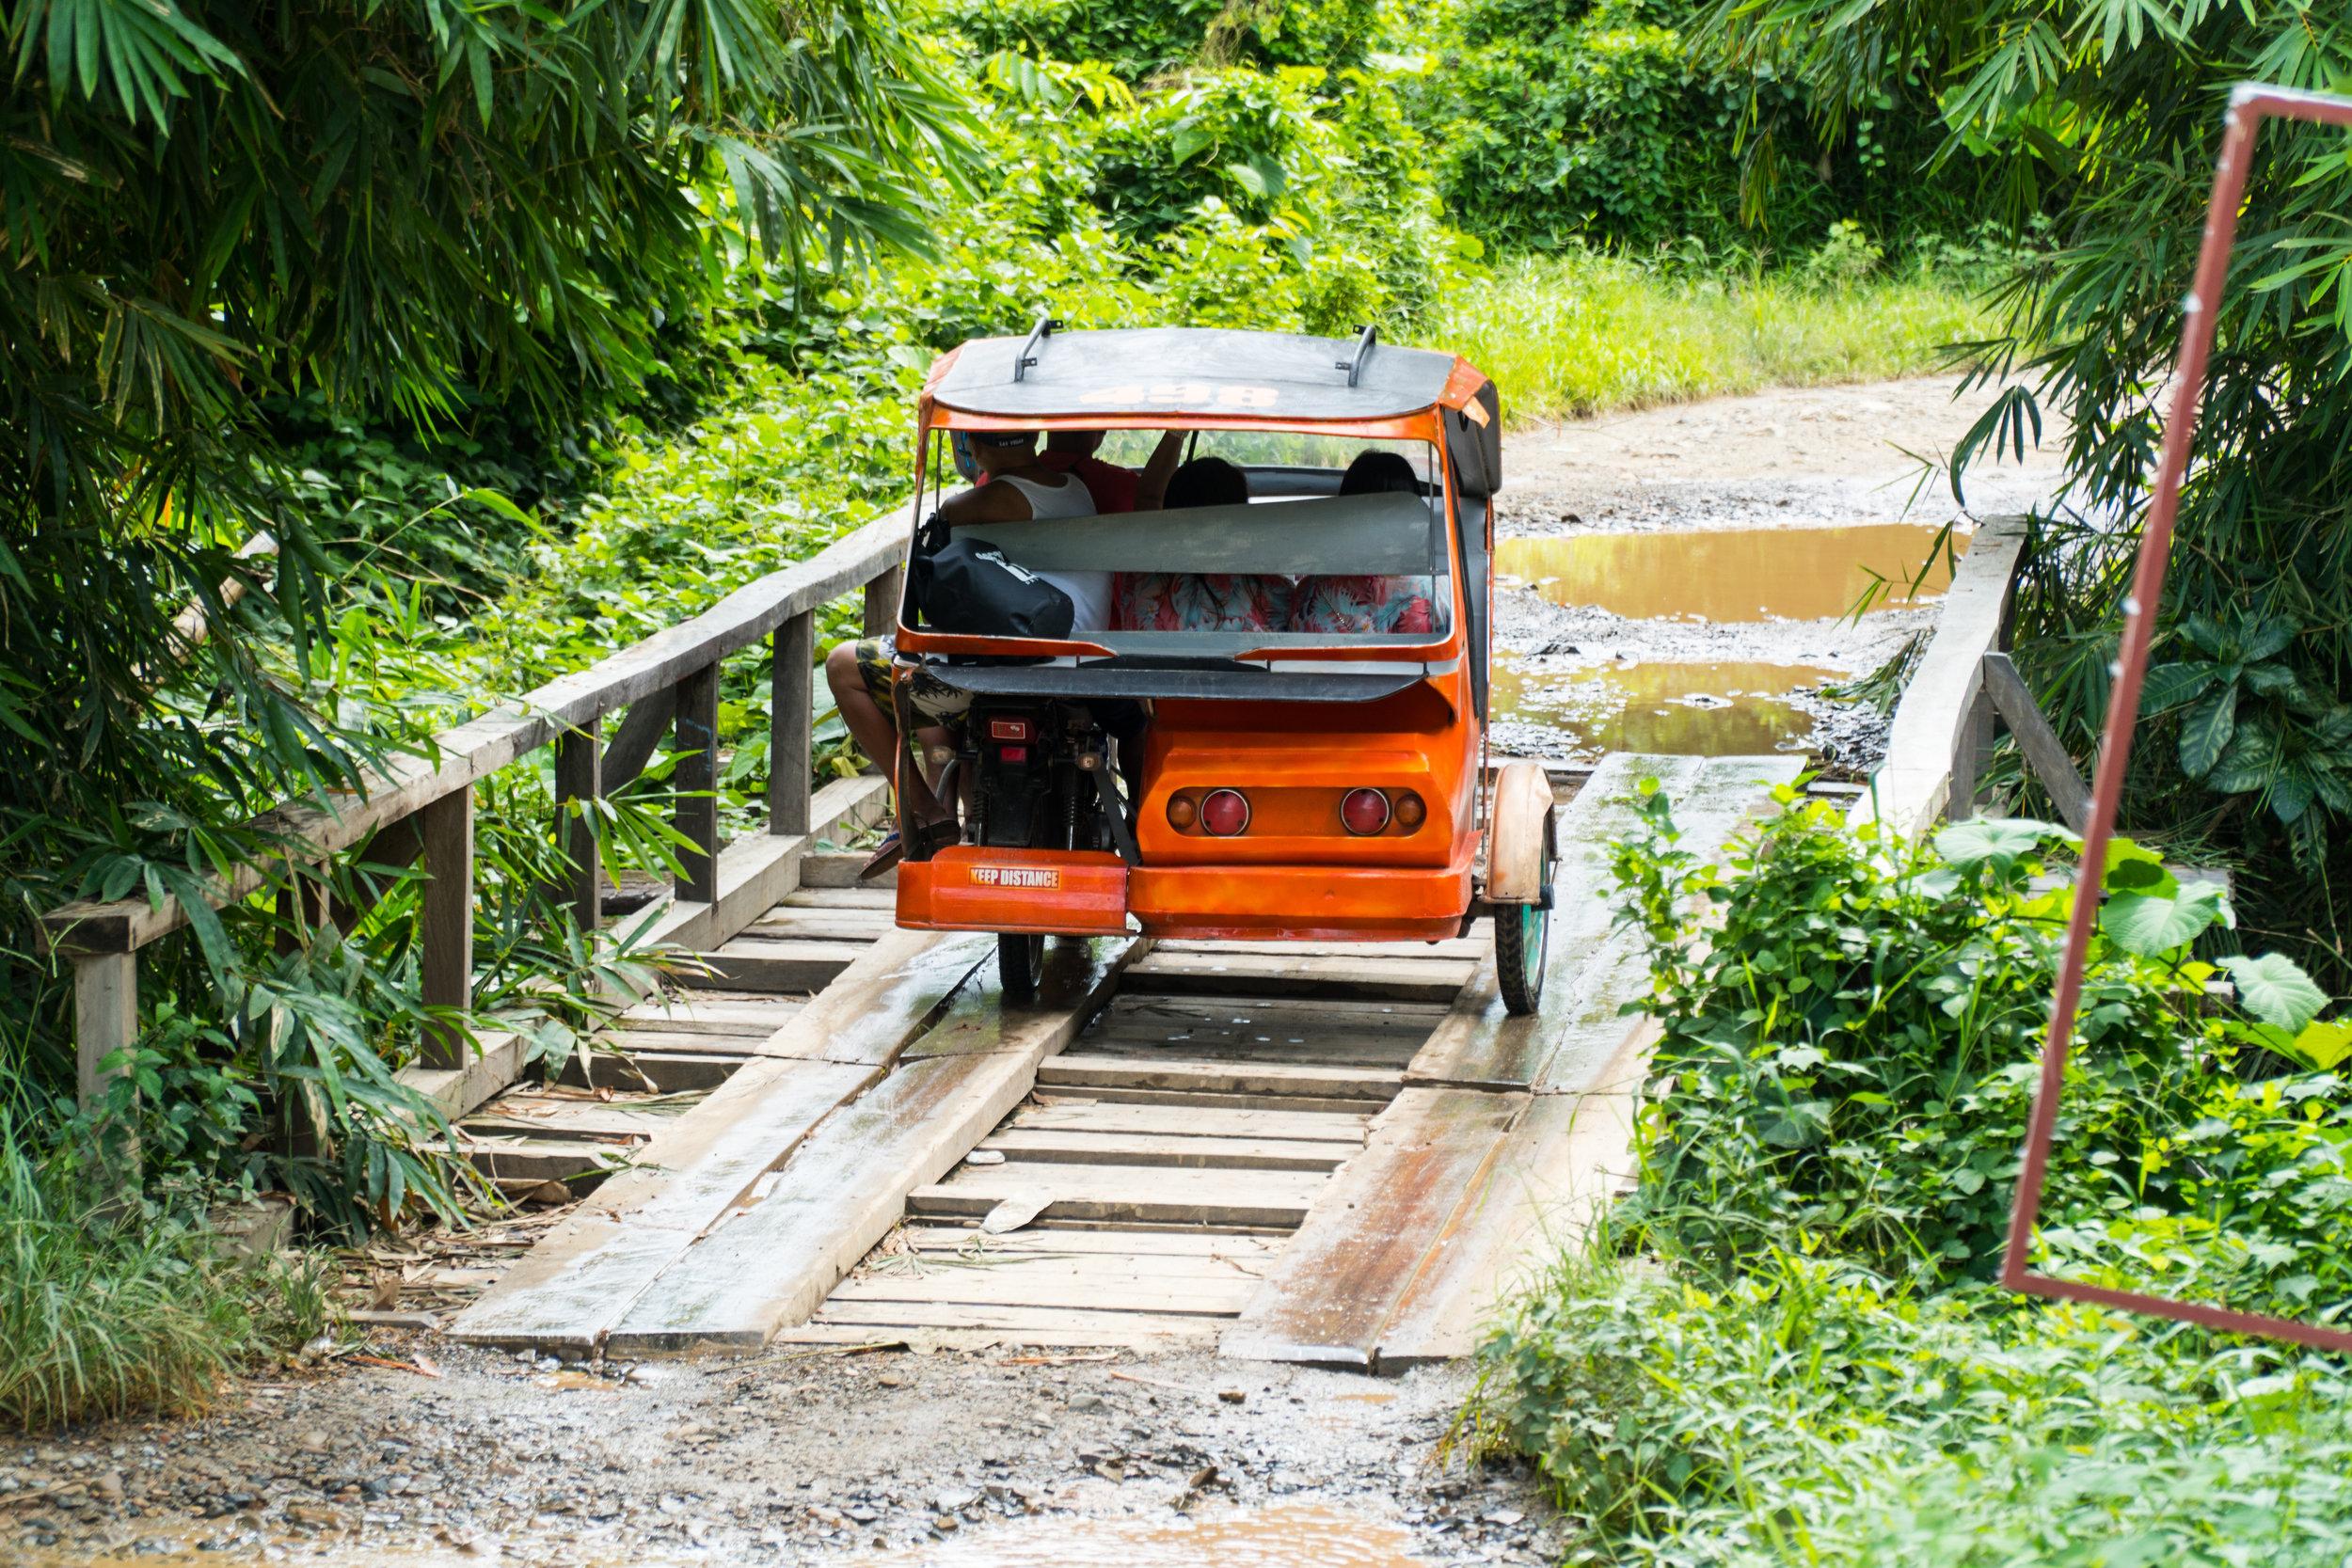 GOAL TRAVELER EL NIDO PHILIPPINES TUK TUK.JPG